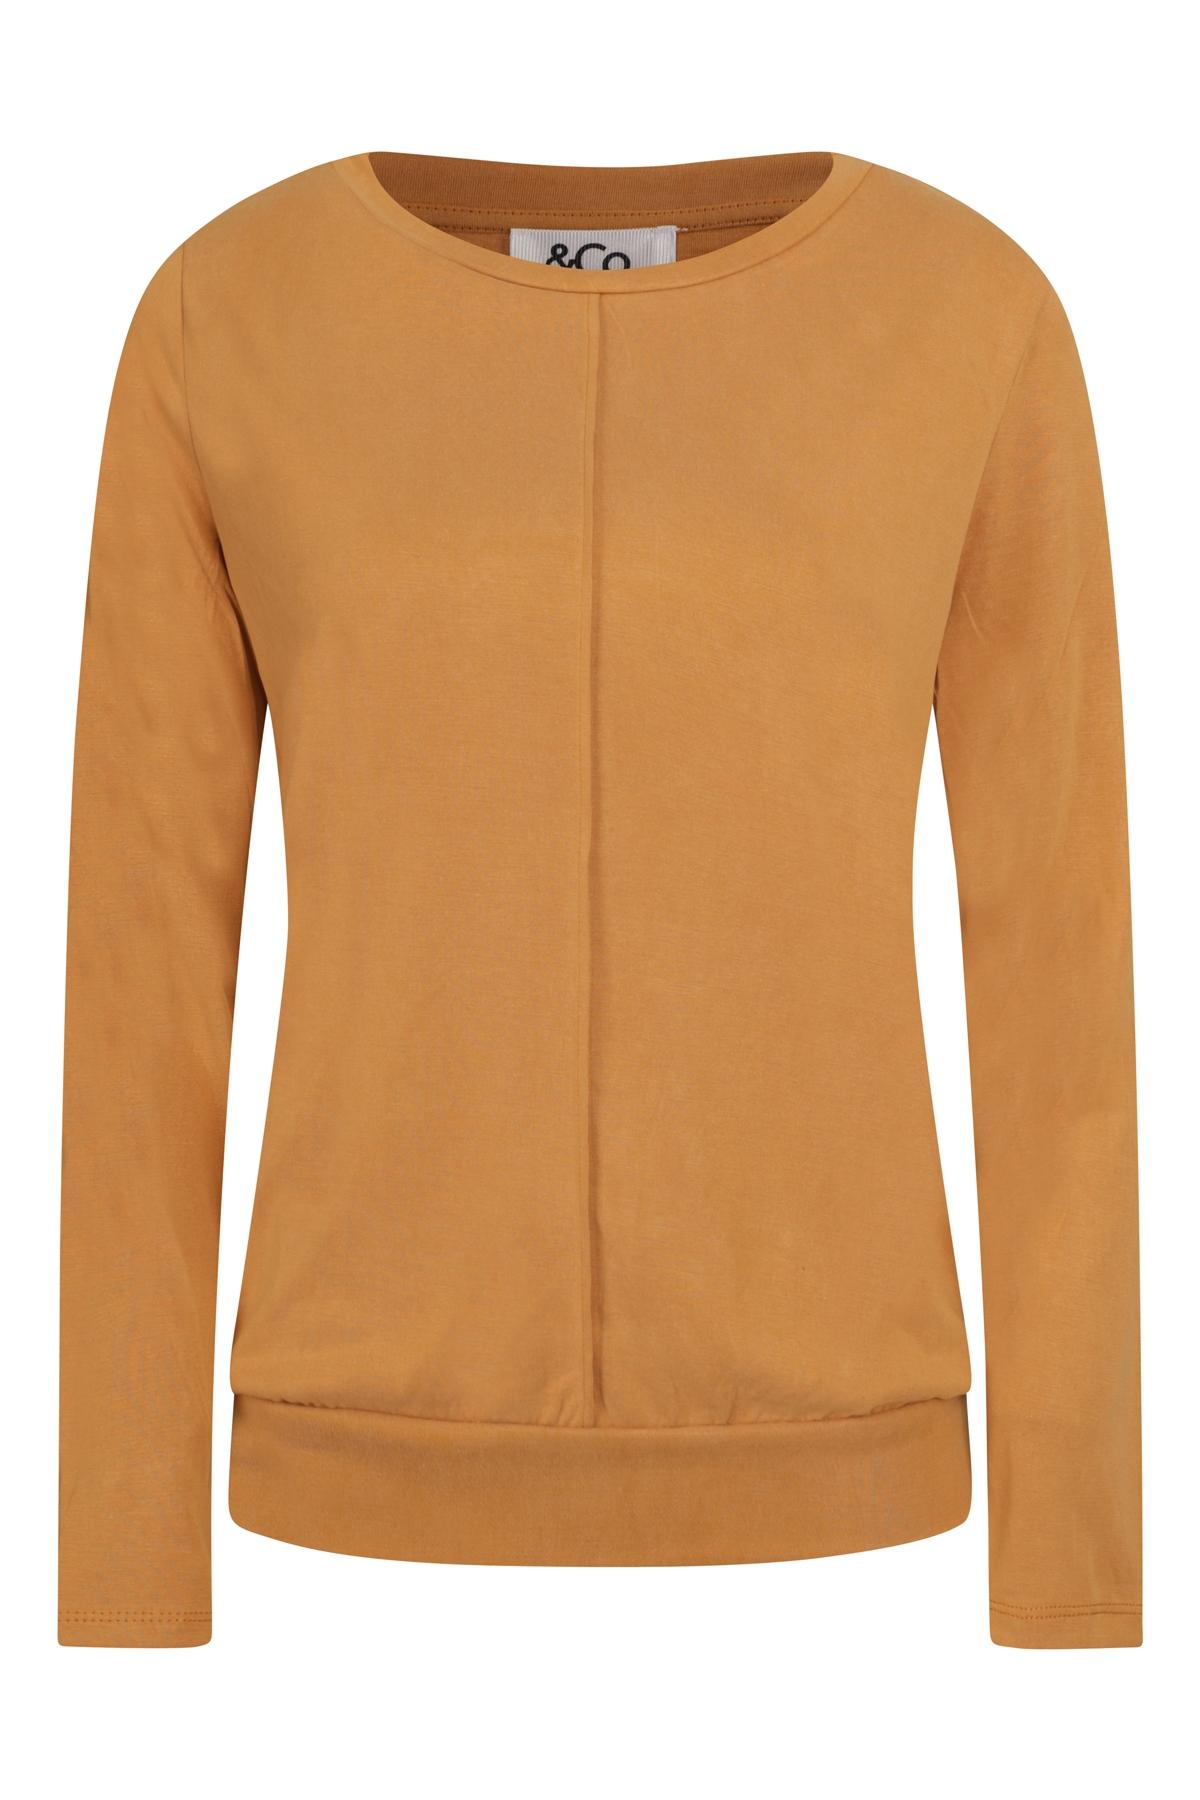 &Co Woman Shirt - Top Cognac Lola